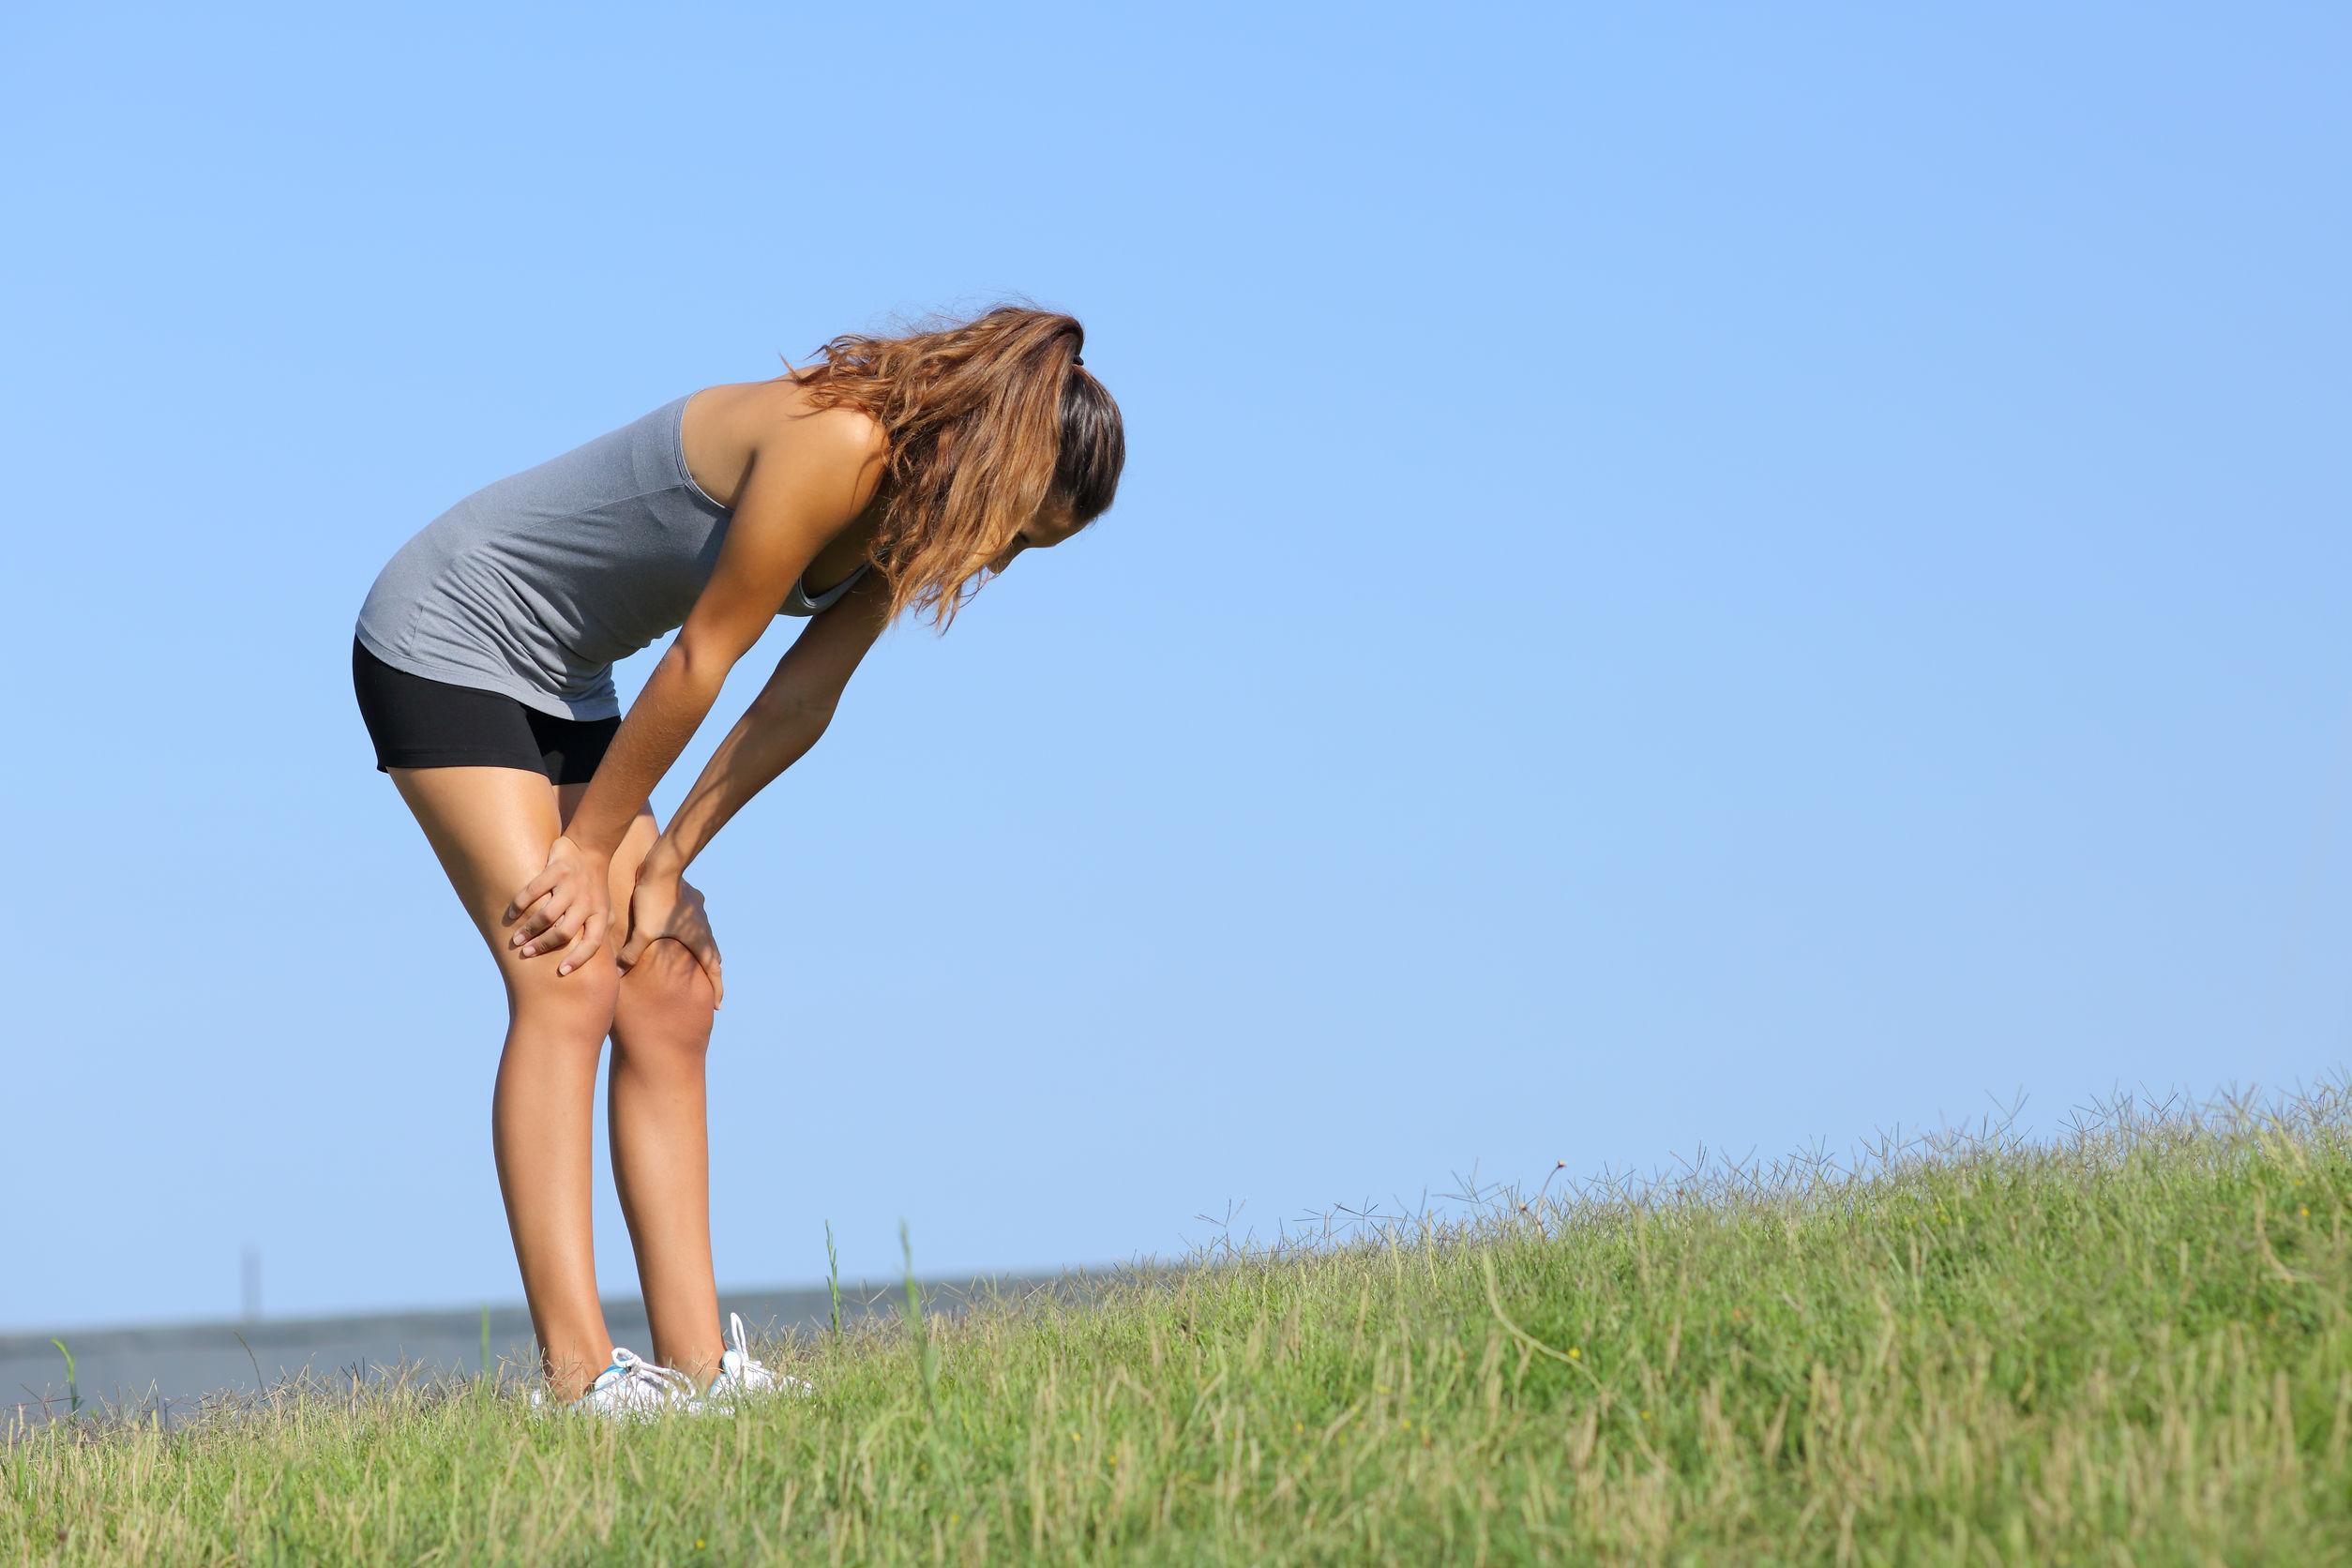 Cómo saber que está haciendo ejercicio en exceso - Salud - ELTIEMPO.COM